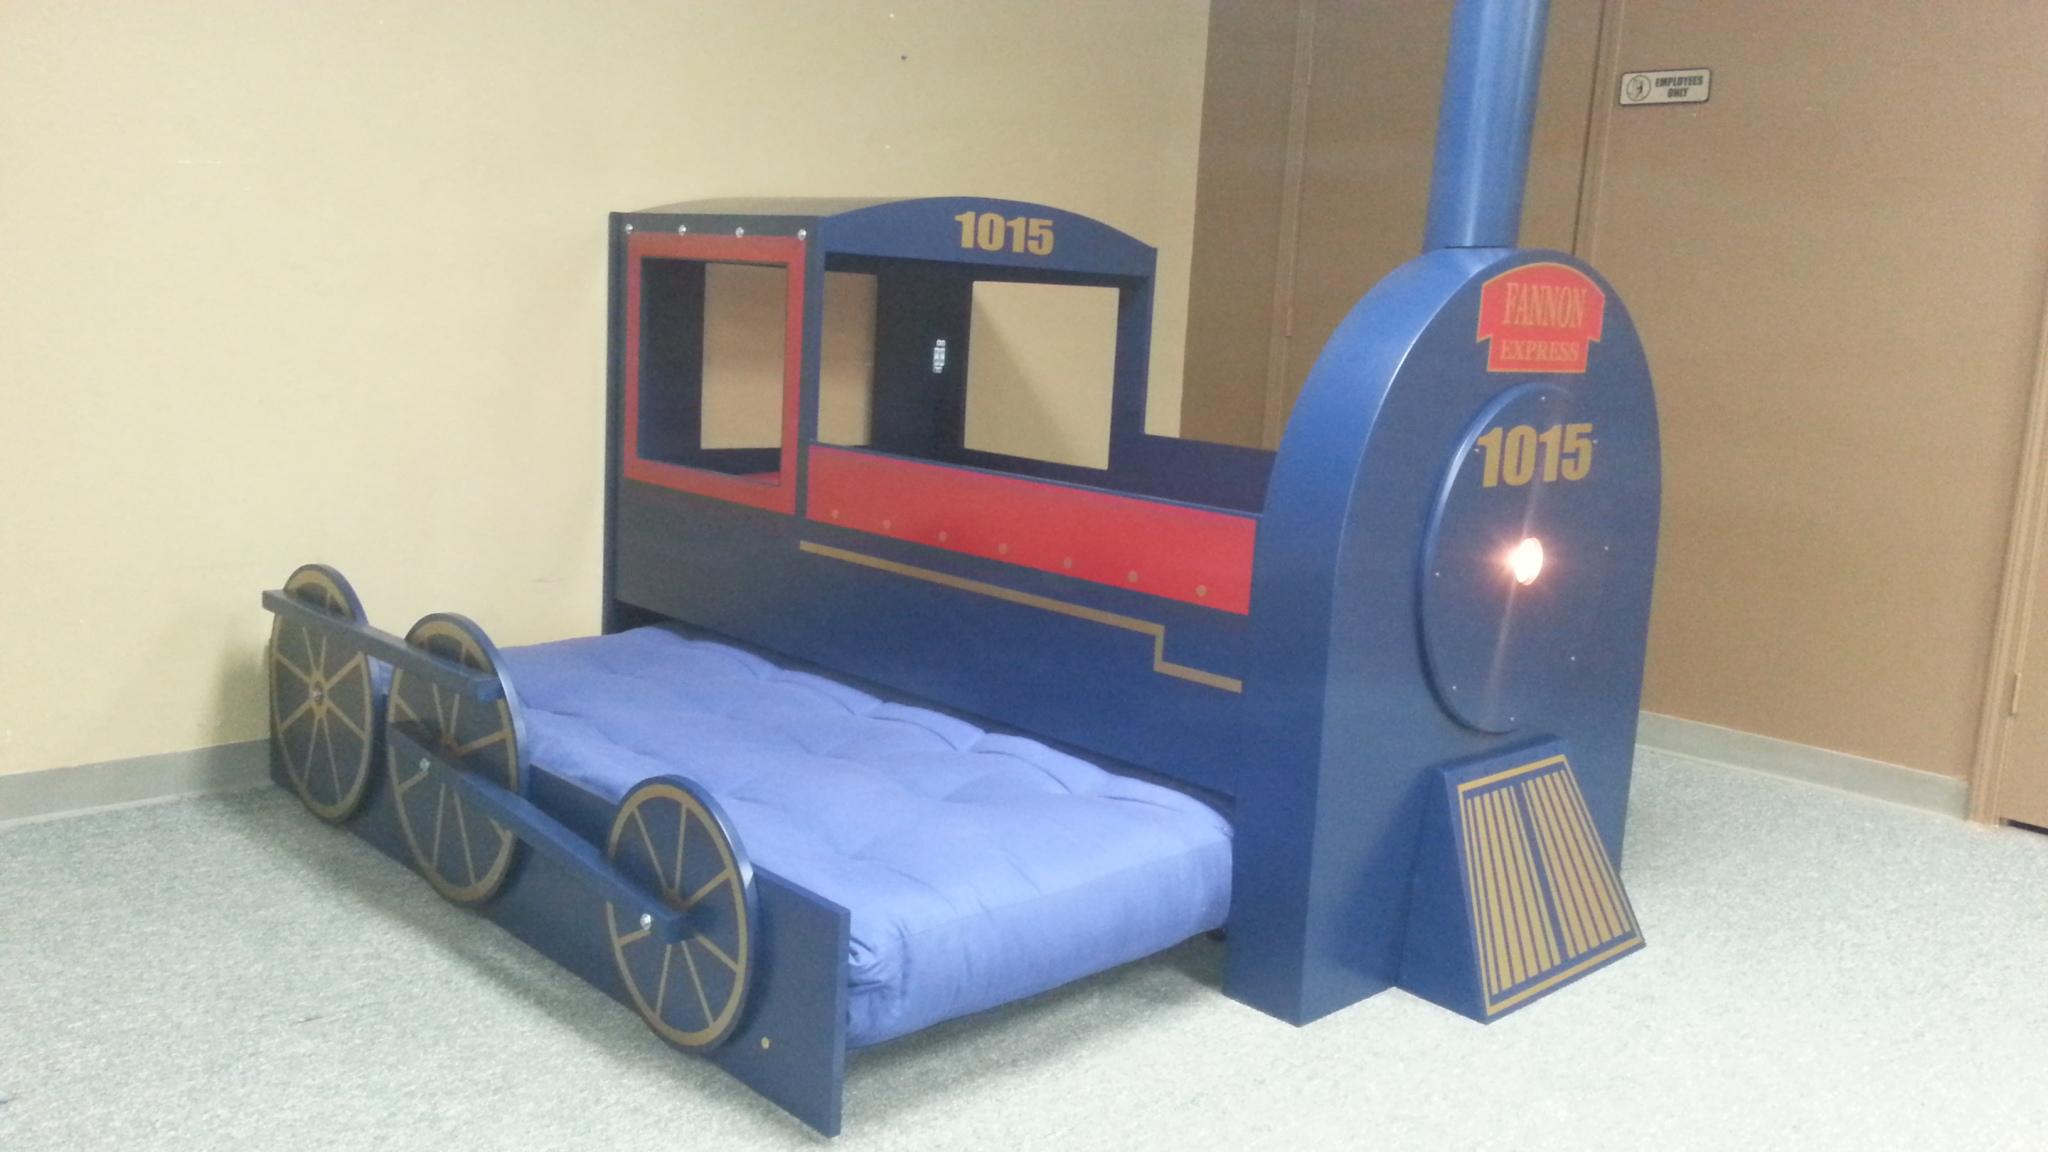 Fannon's Train